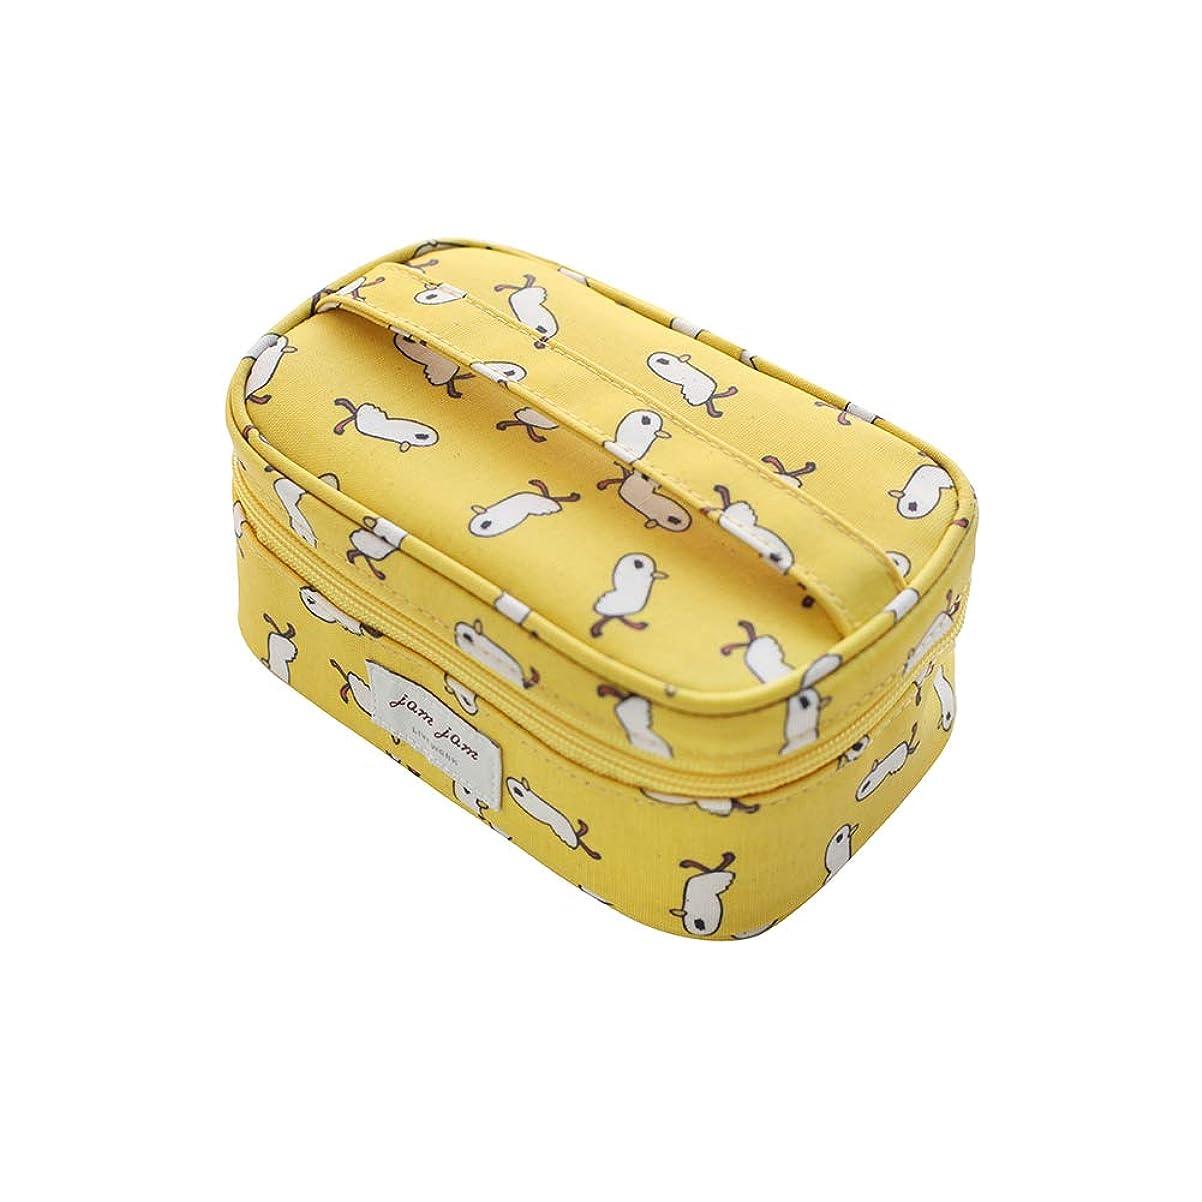 語仕様させる[LIVEWORK] JAMJAM makeup pouch (duck) ジェムジェムメイクポーチ(あひる) ブラッシュ メイクアップ イエロー 黄色